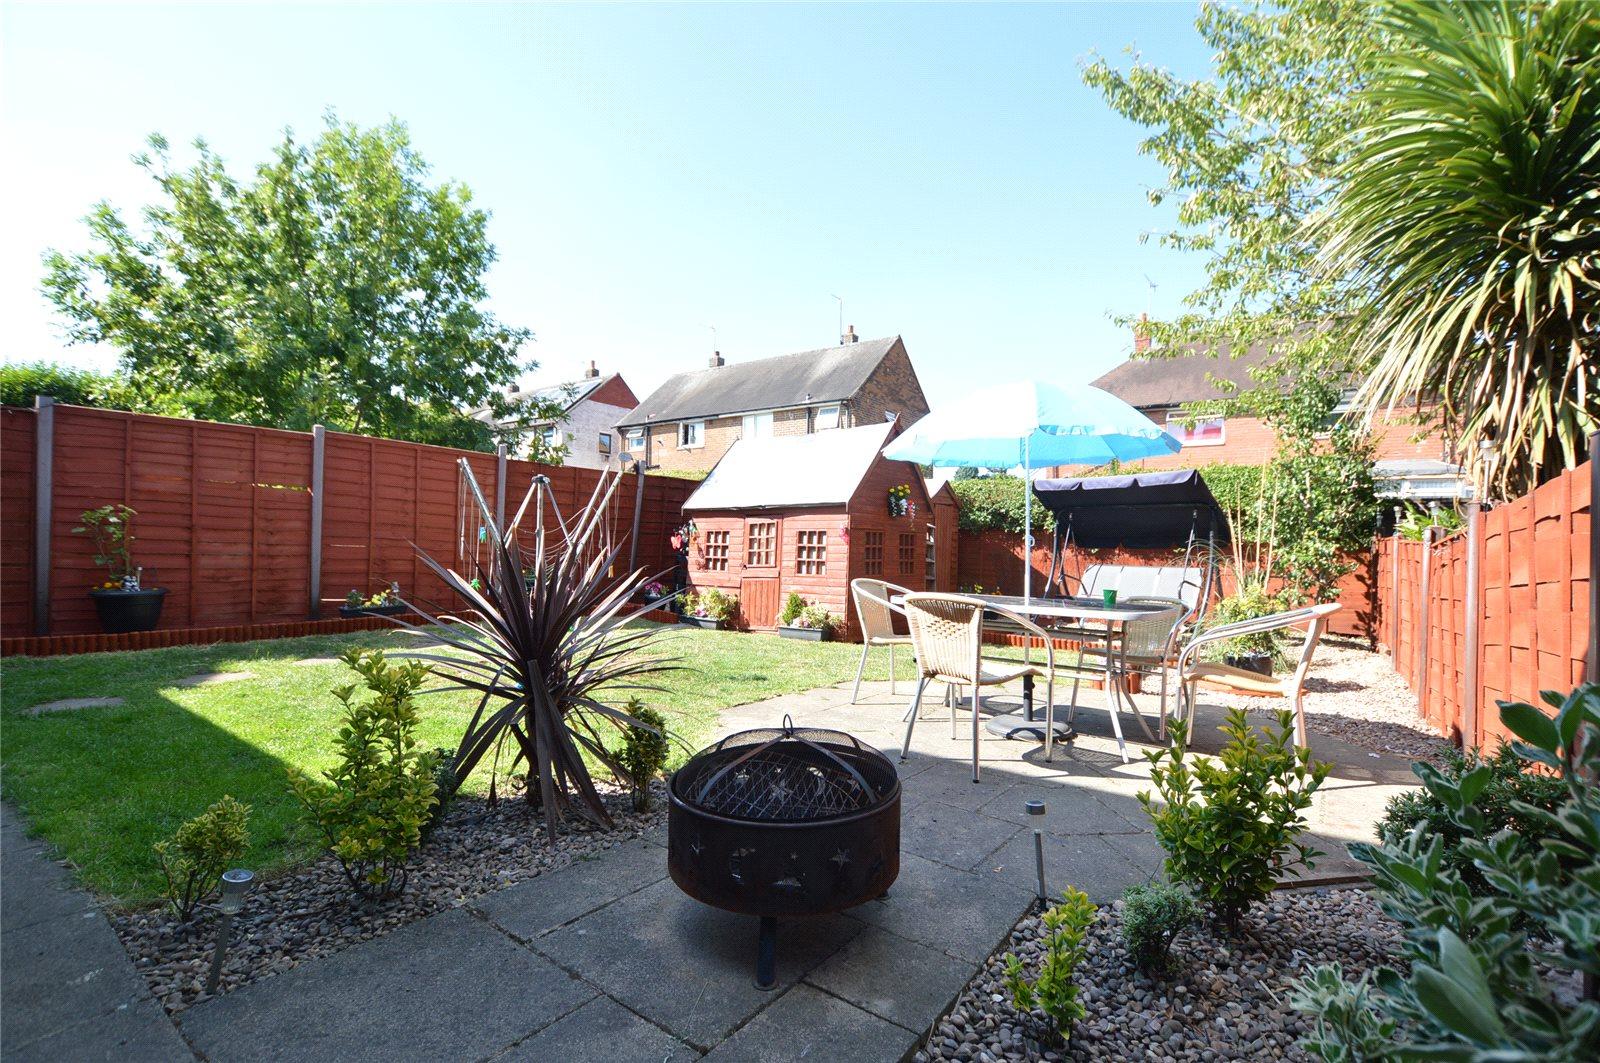 property for sale in Morley, back garden